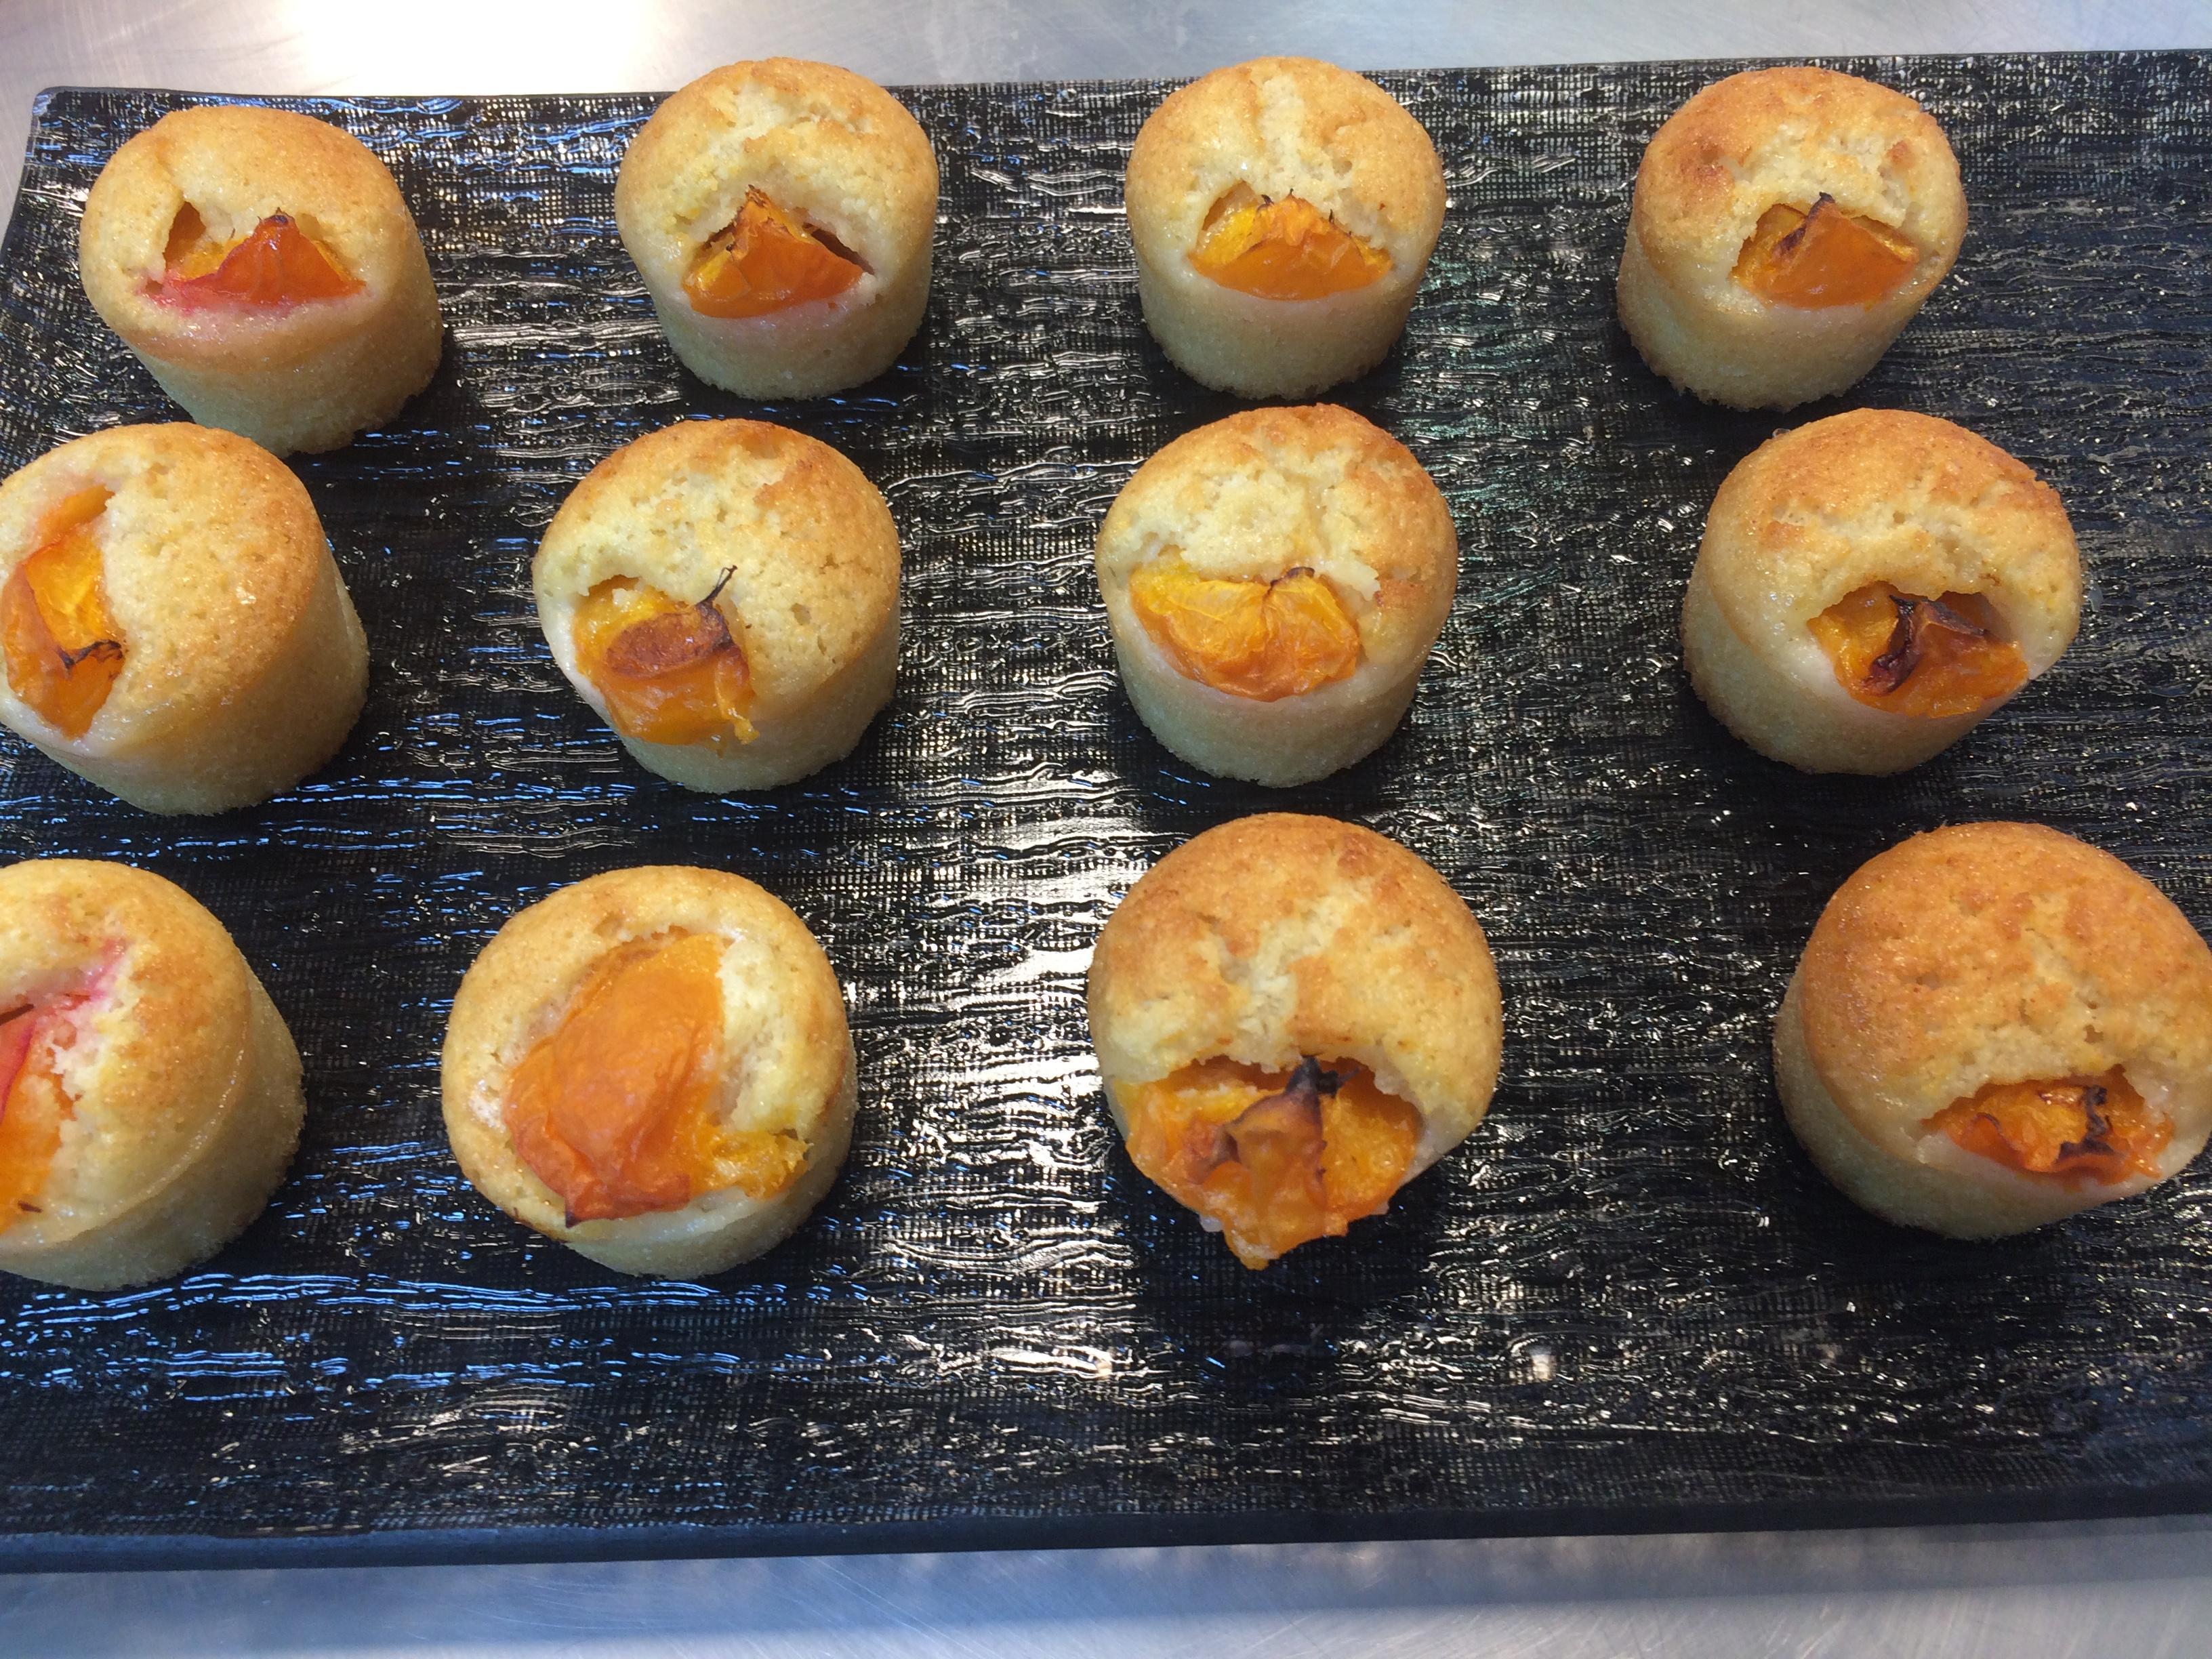 Les abricots et amendes de To Be Scuit Orleans